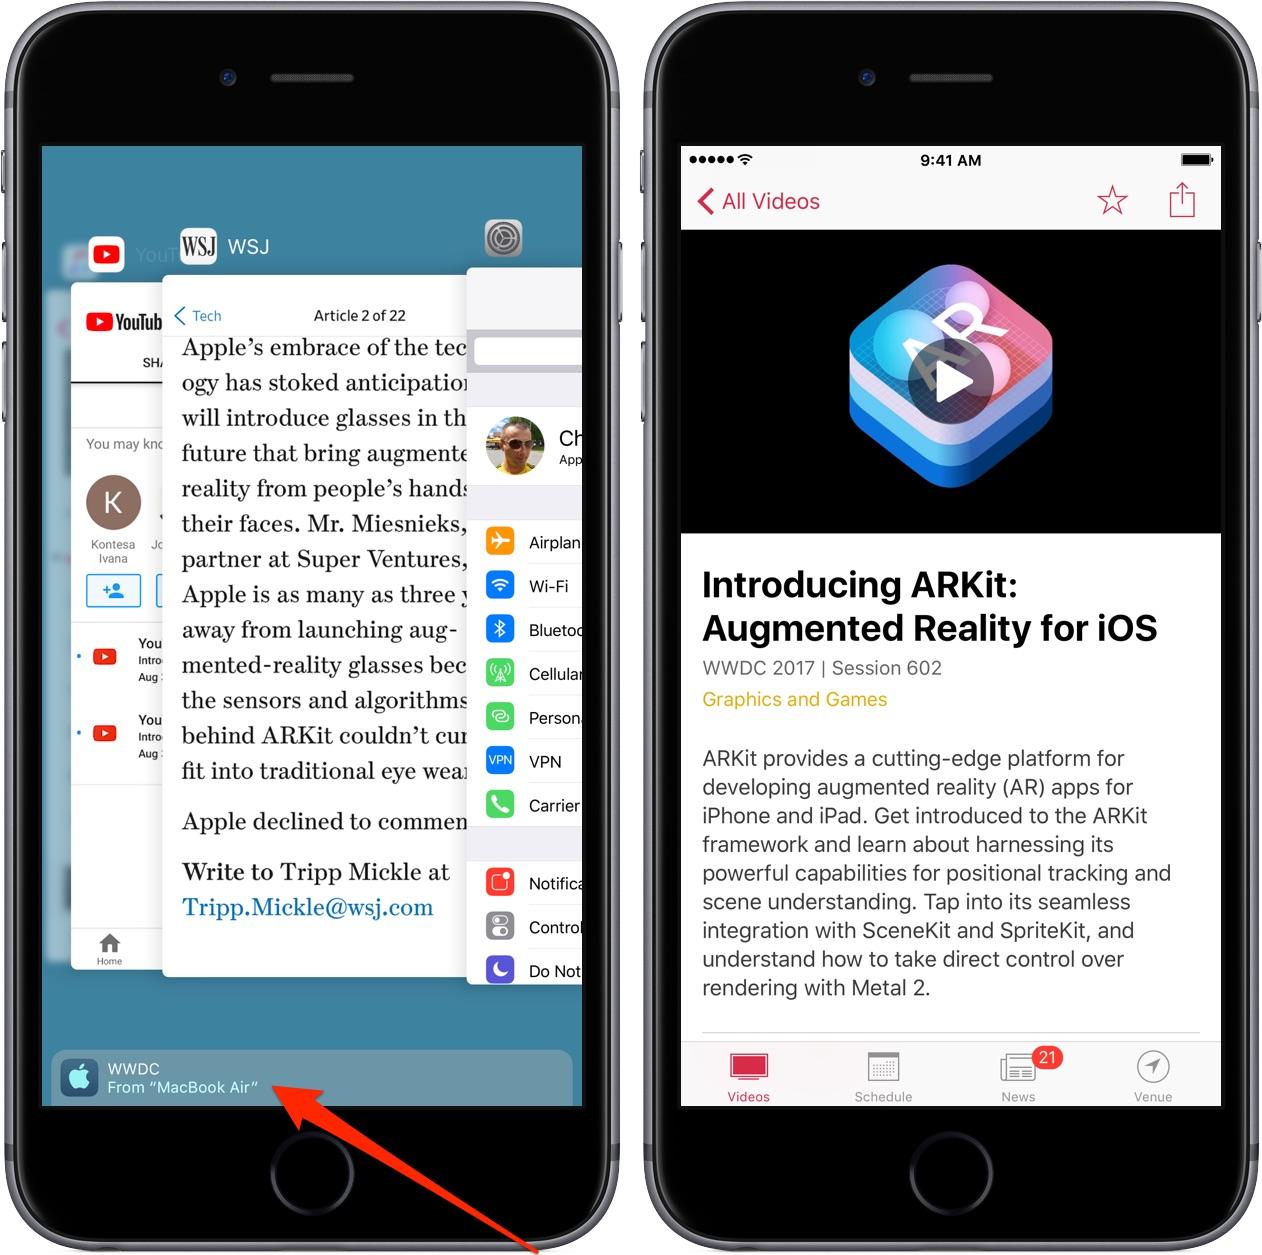 WWDC App Gains Handoff Support, Better Apple TV Navigation